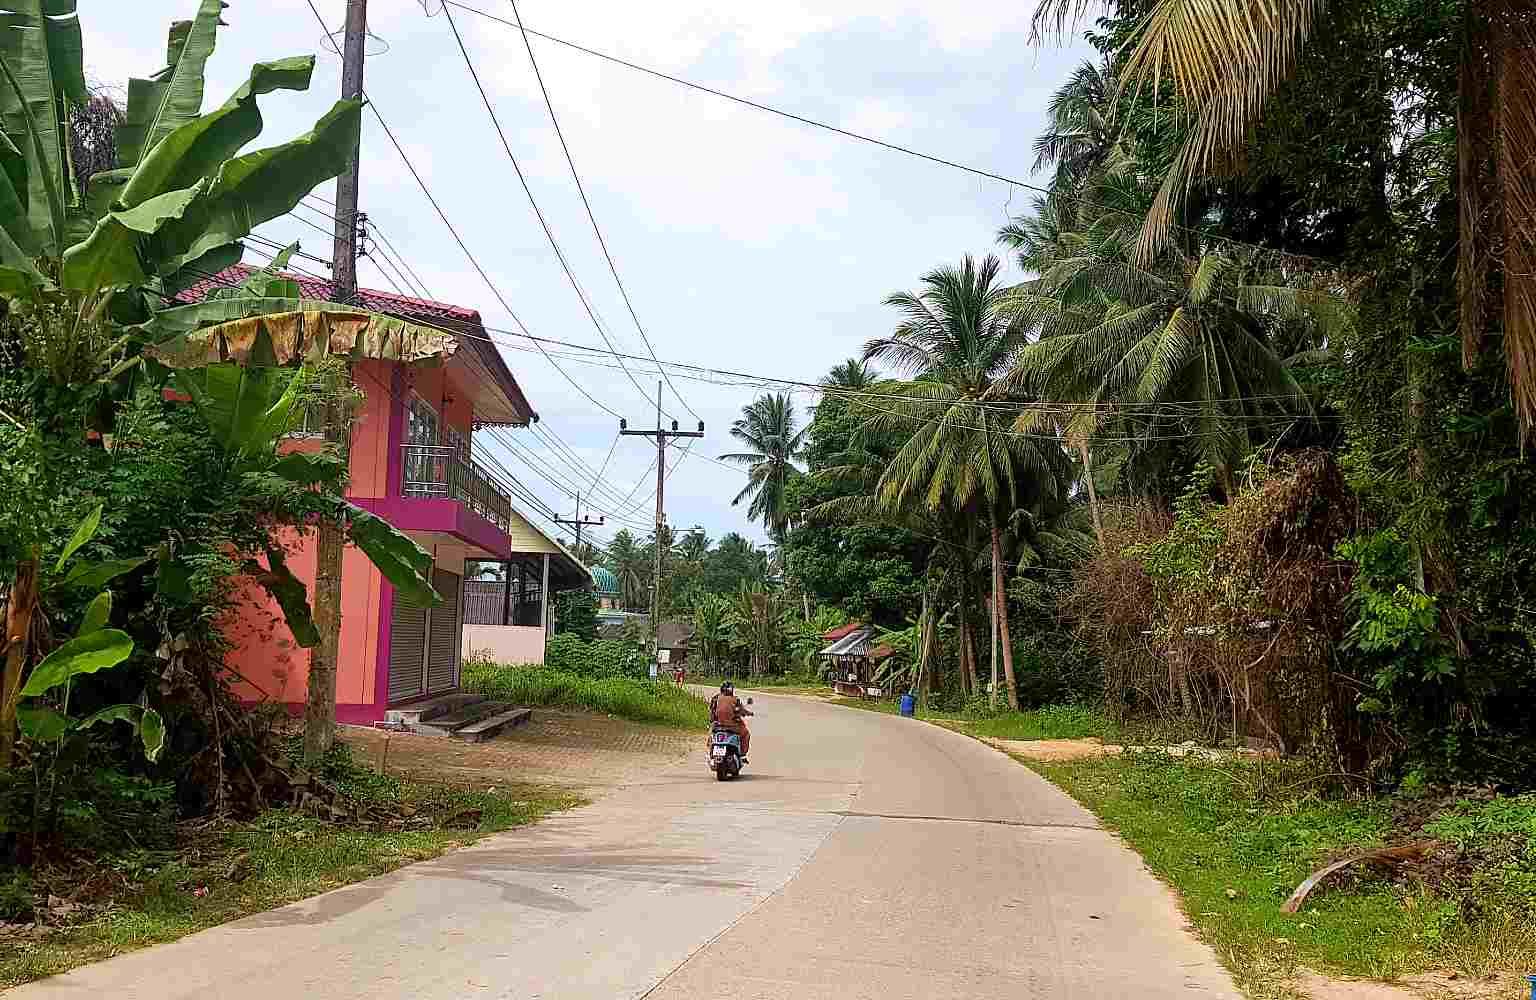 Koh Yao Yai, Scooter op rustige wegen